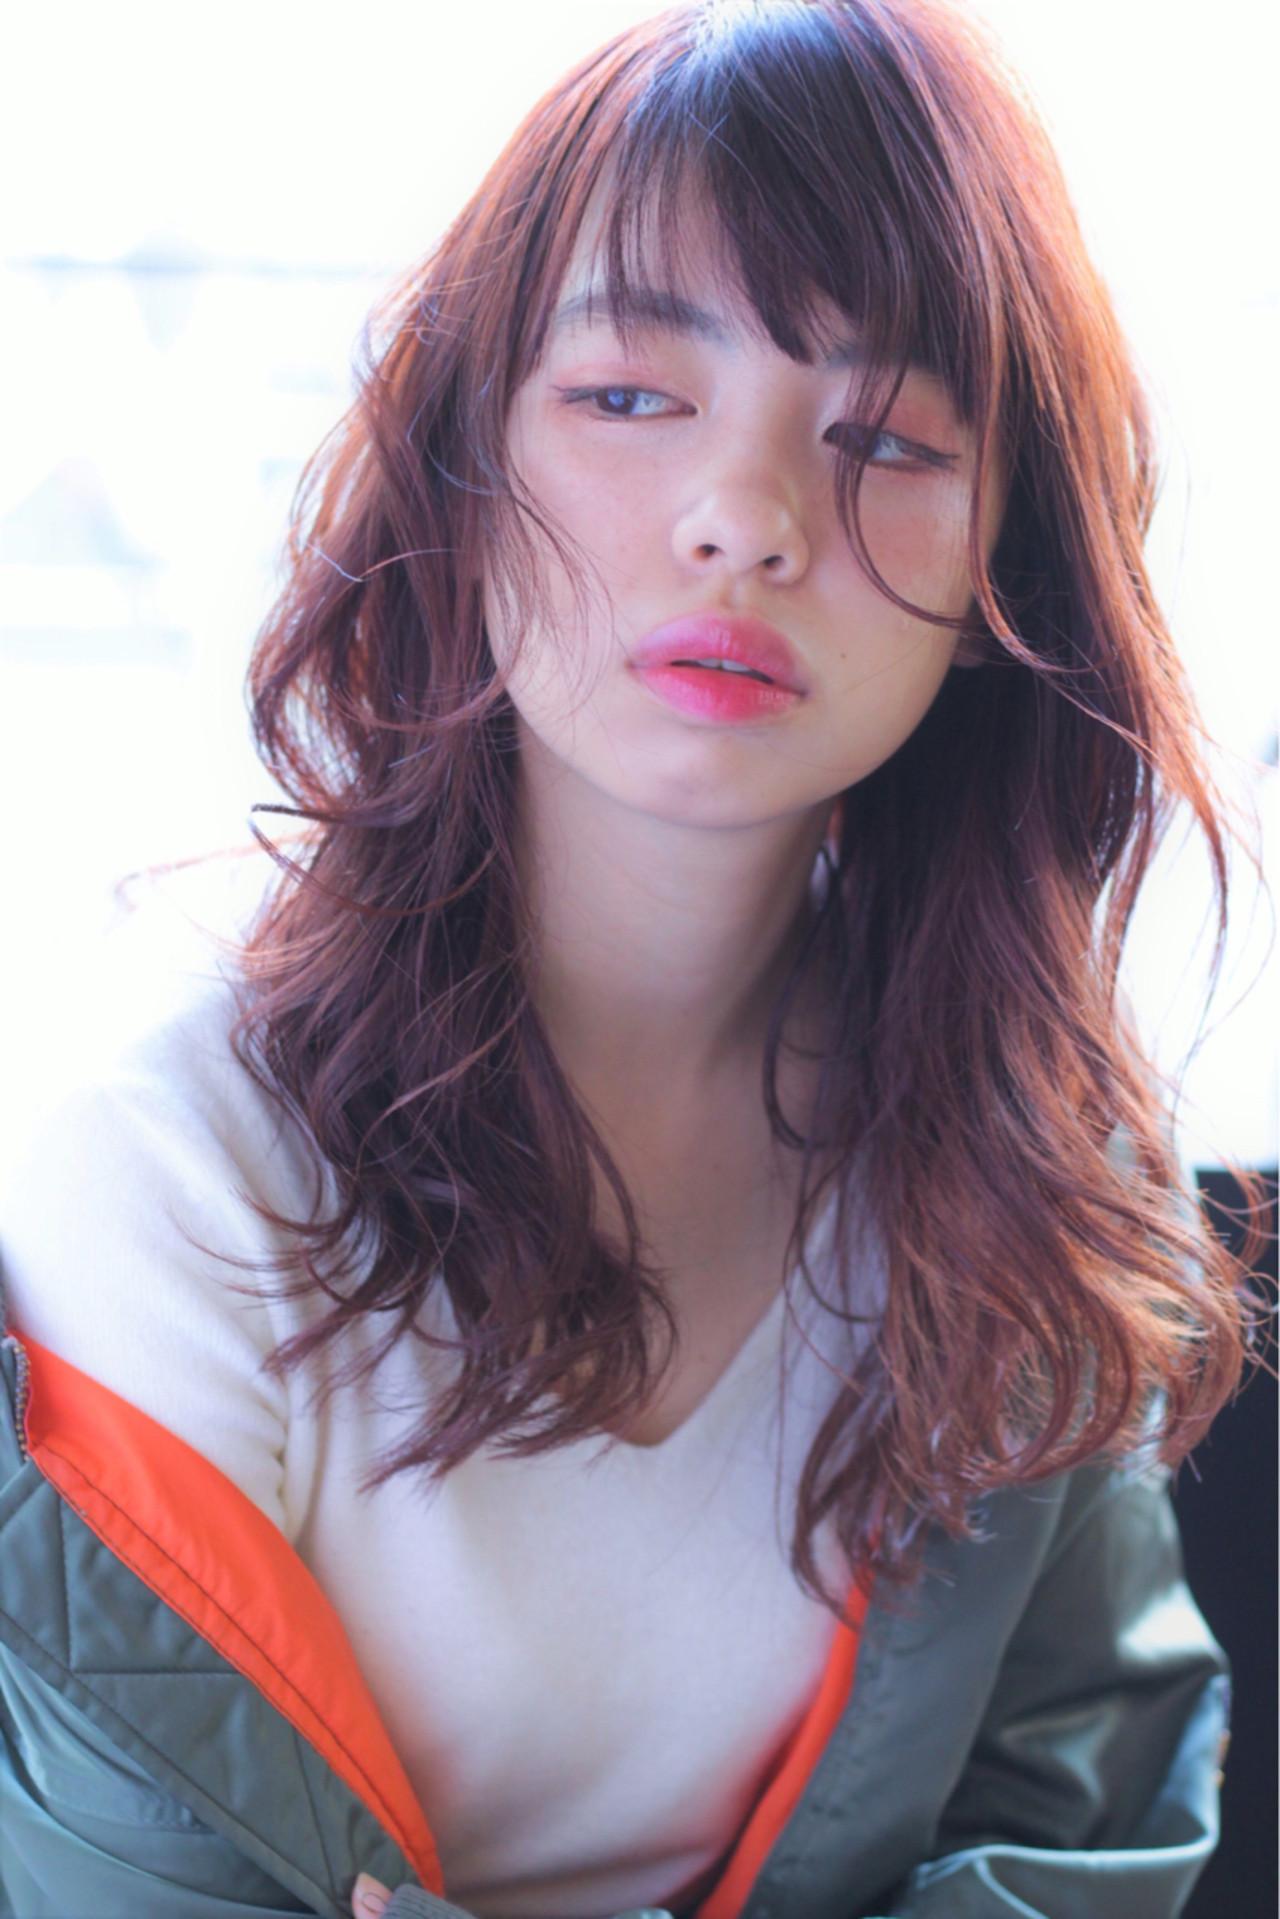 2017年春夏は甘さ控えめな「ベリーピンクカラー」にするべし♡ 金本潤